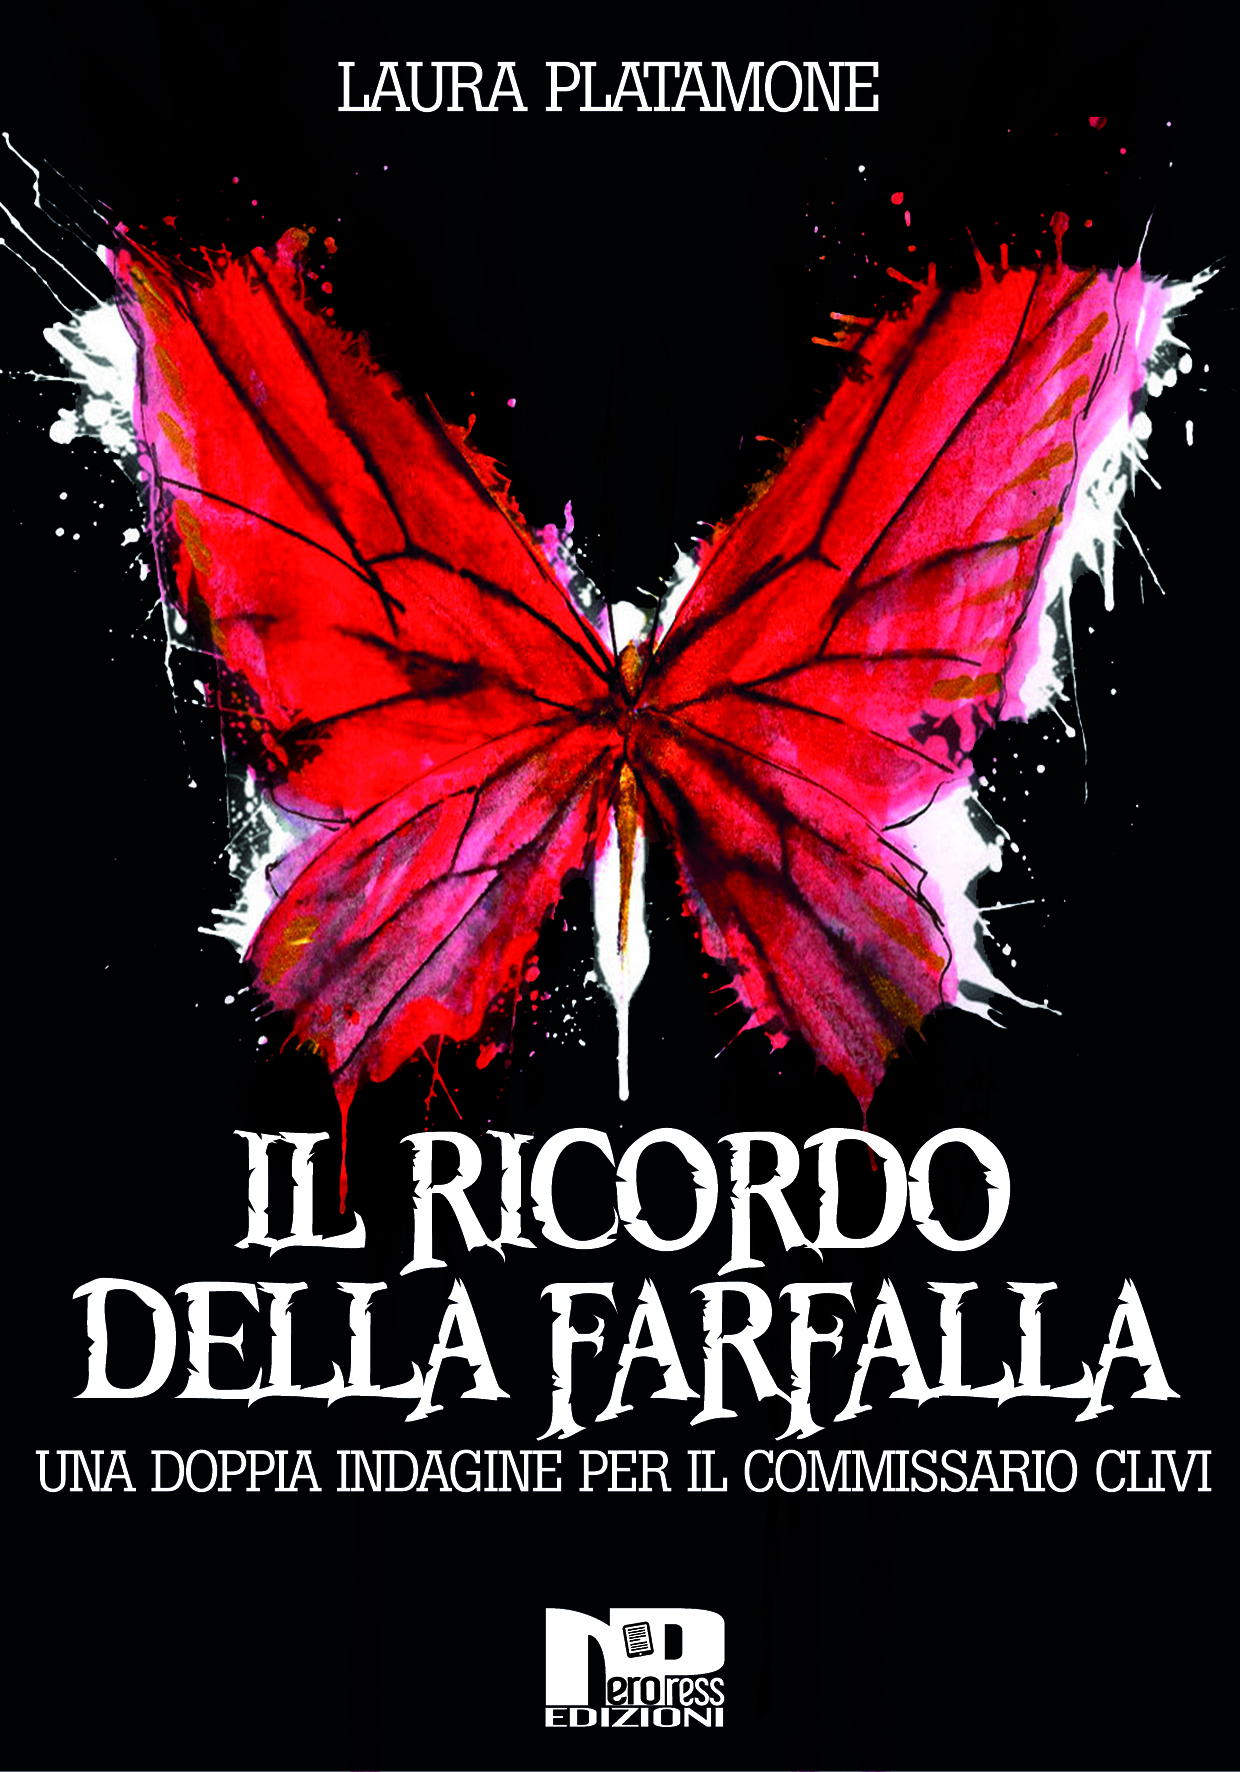 Il ricordo della farfalla